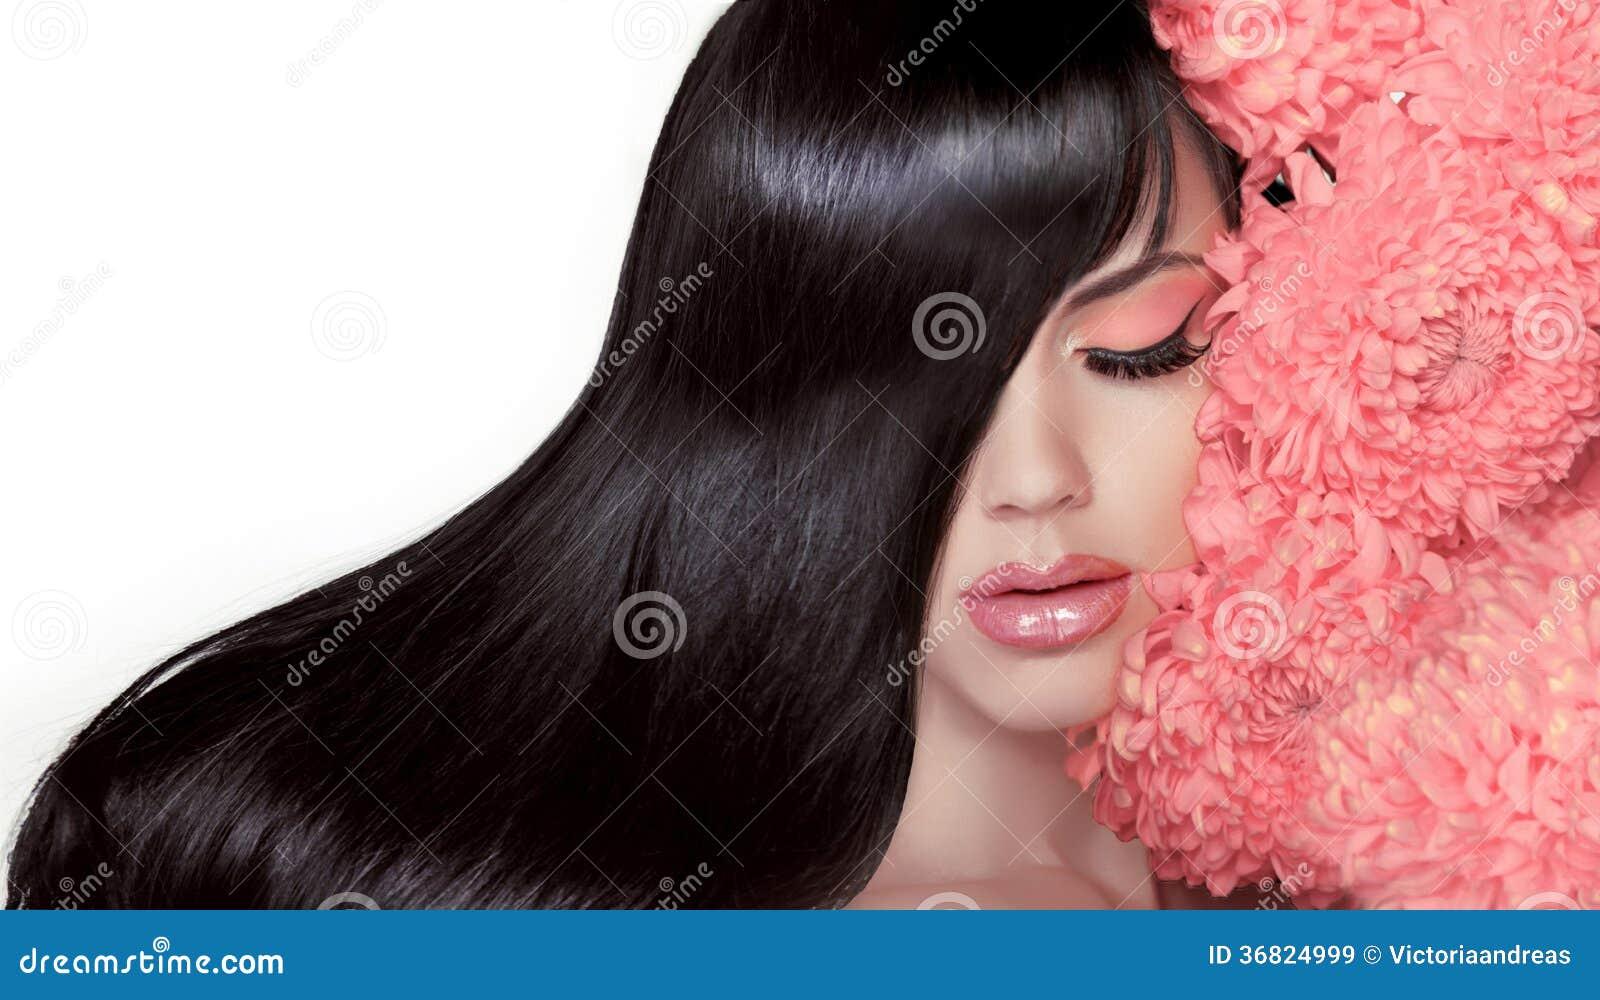 Friseursalon. Schönheits-Frau mit langem gesundem und glänzendem glattem Blac